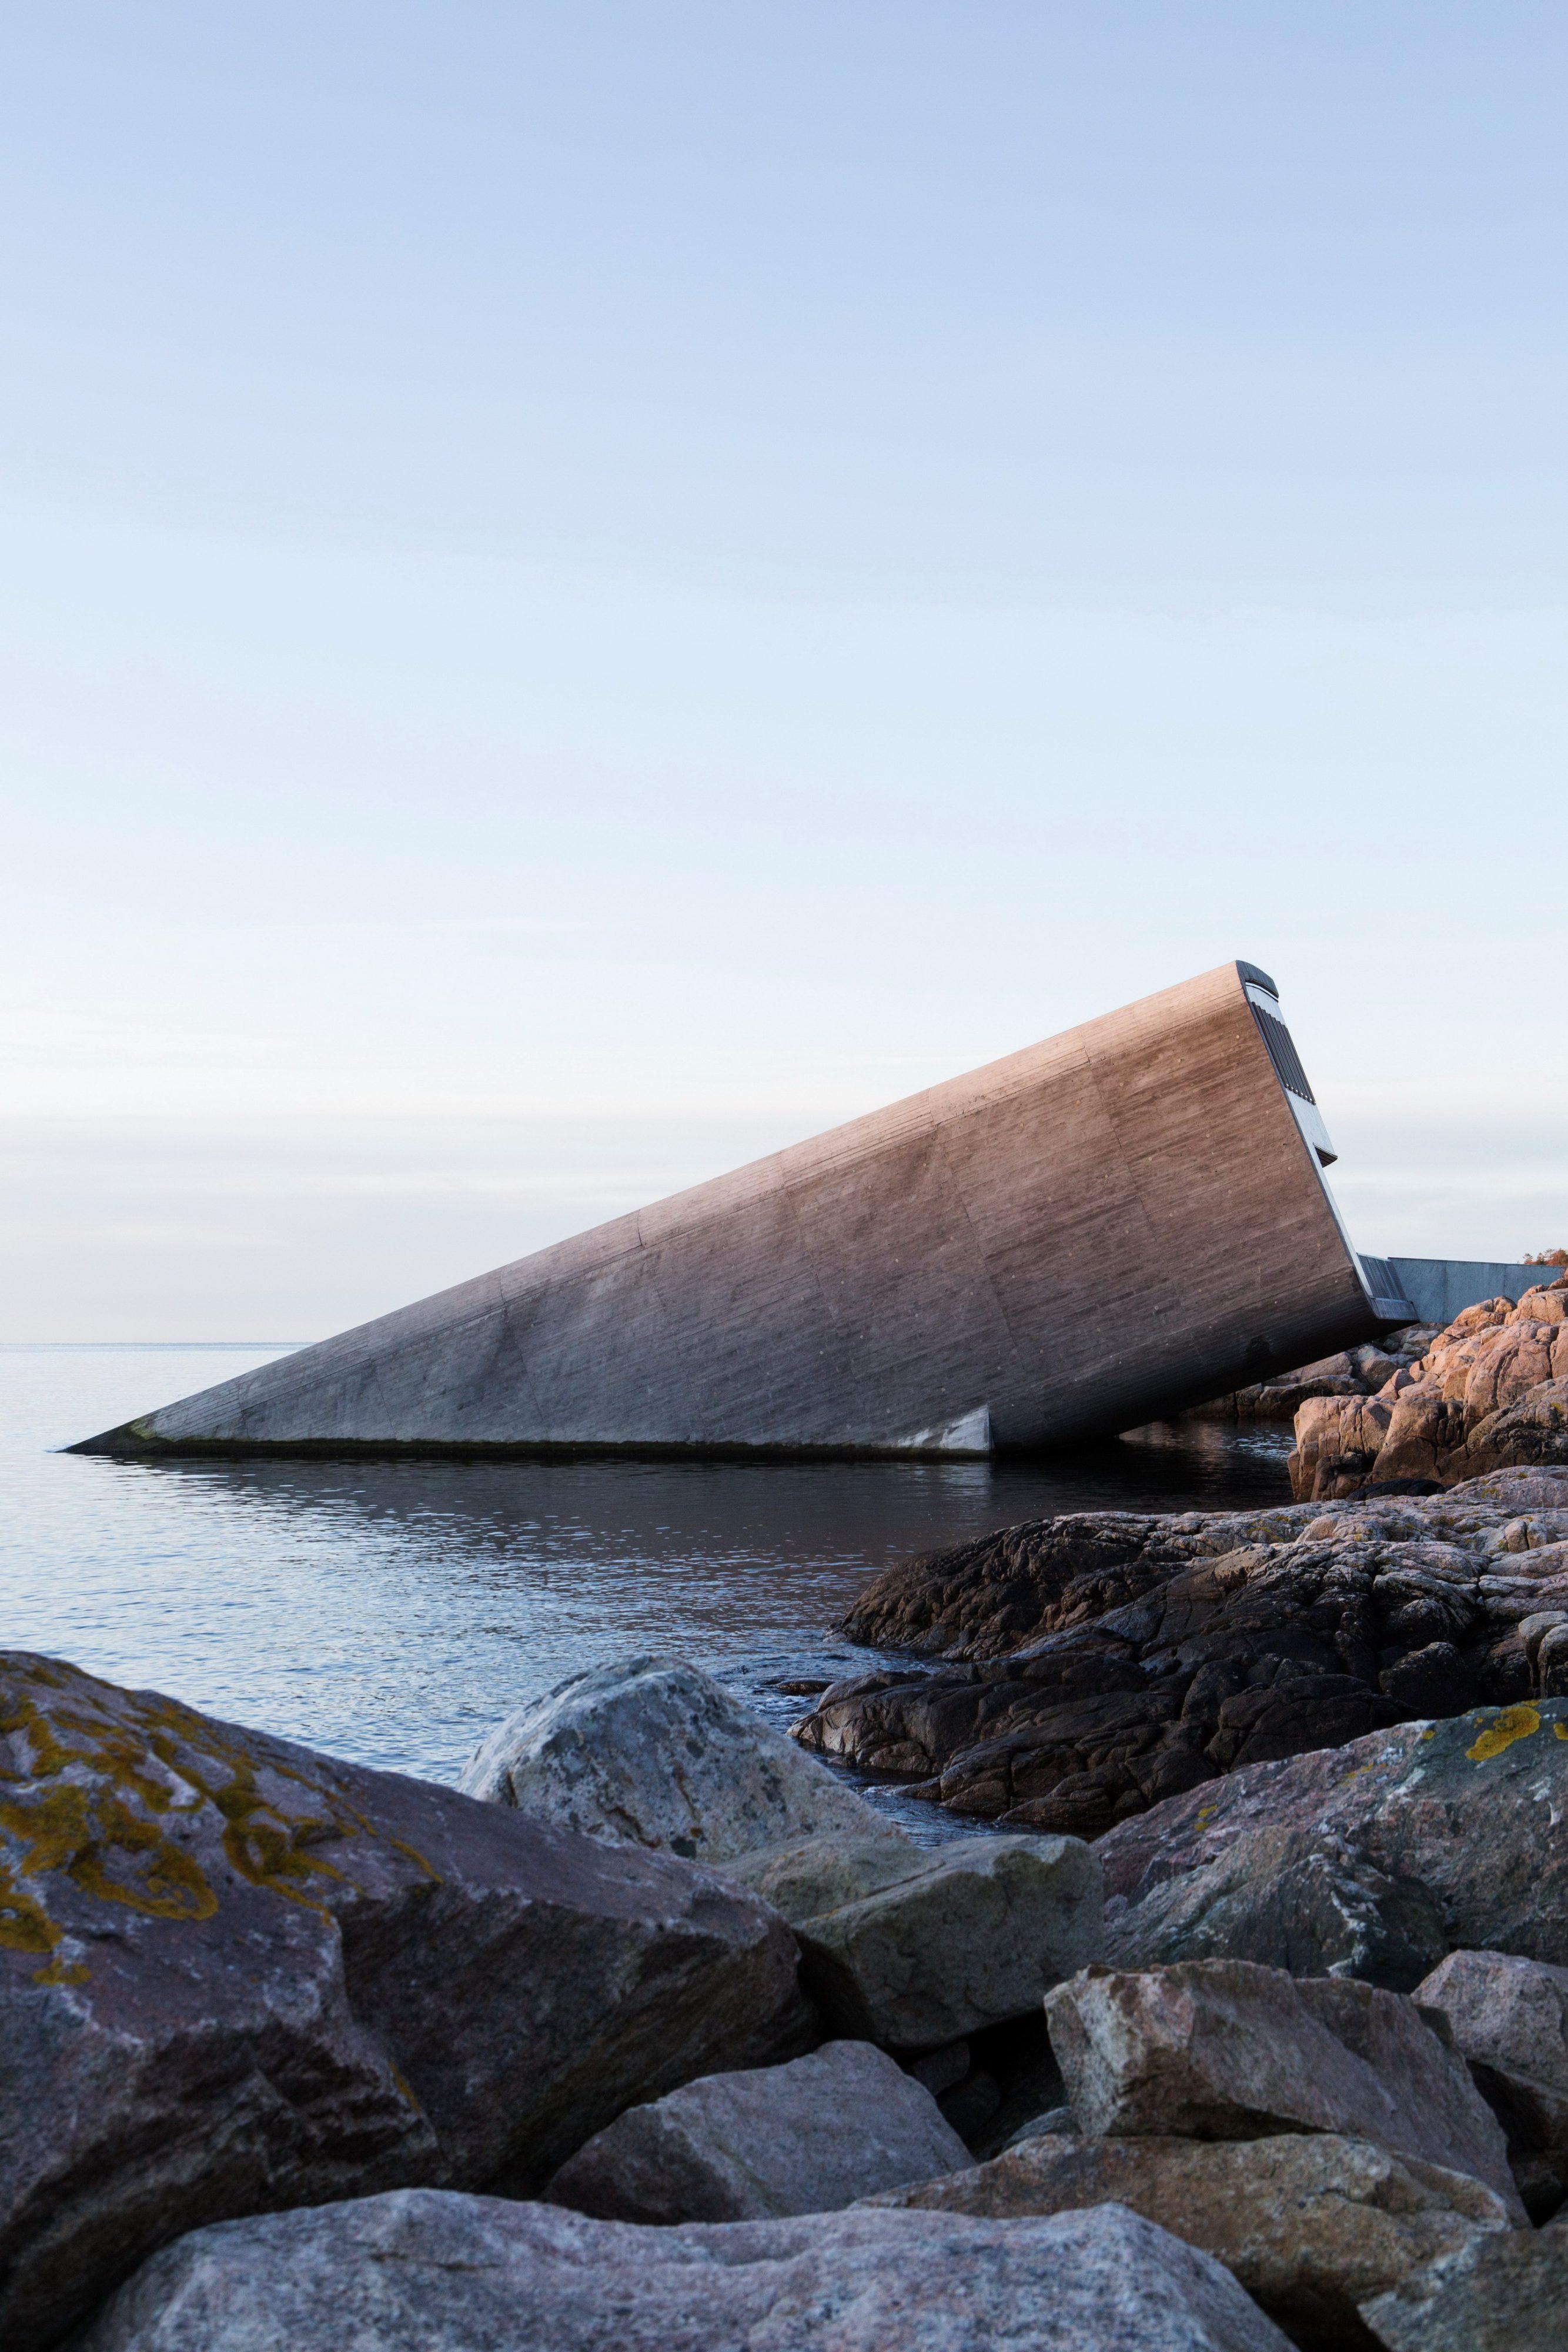 Under. Europe's First Underwater Restaurant by Snøhetta